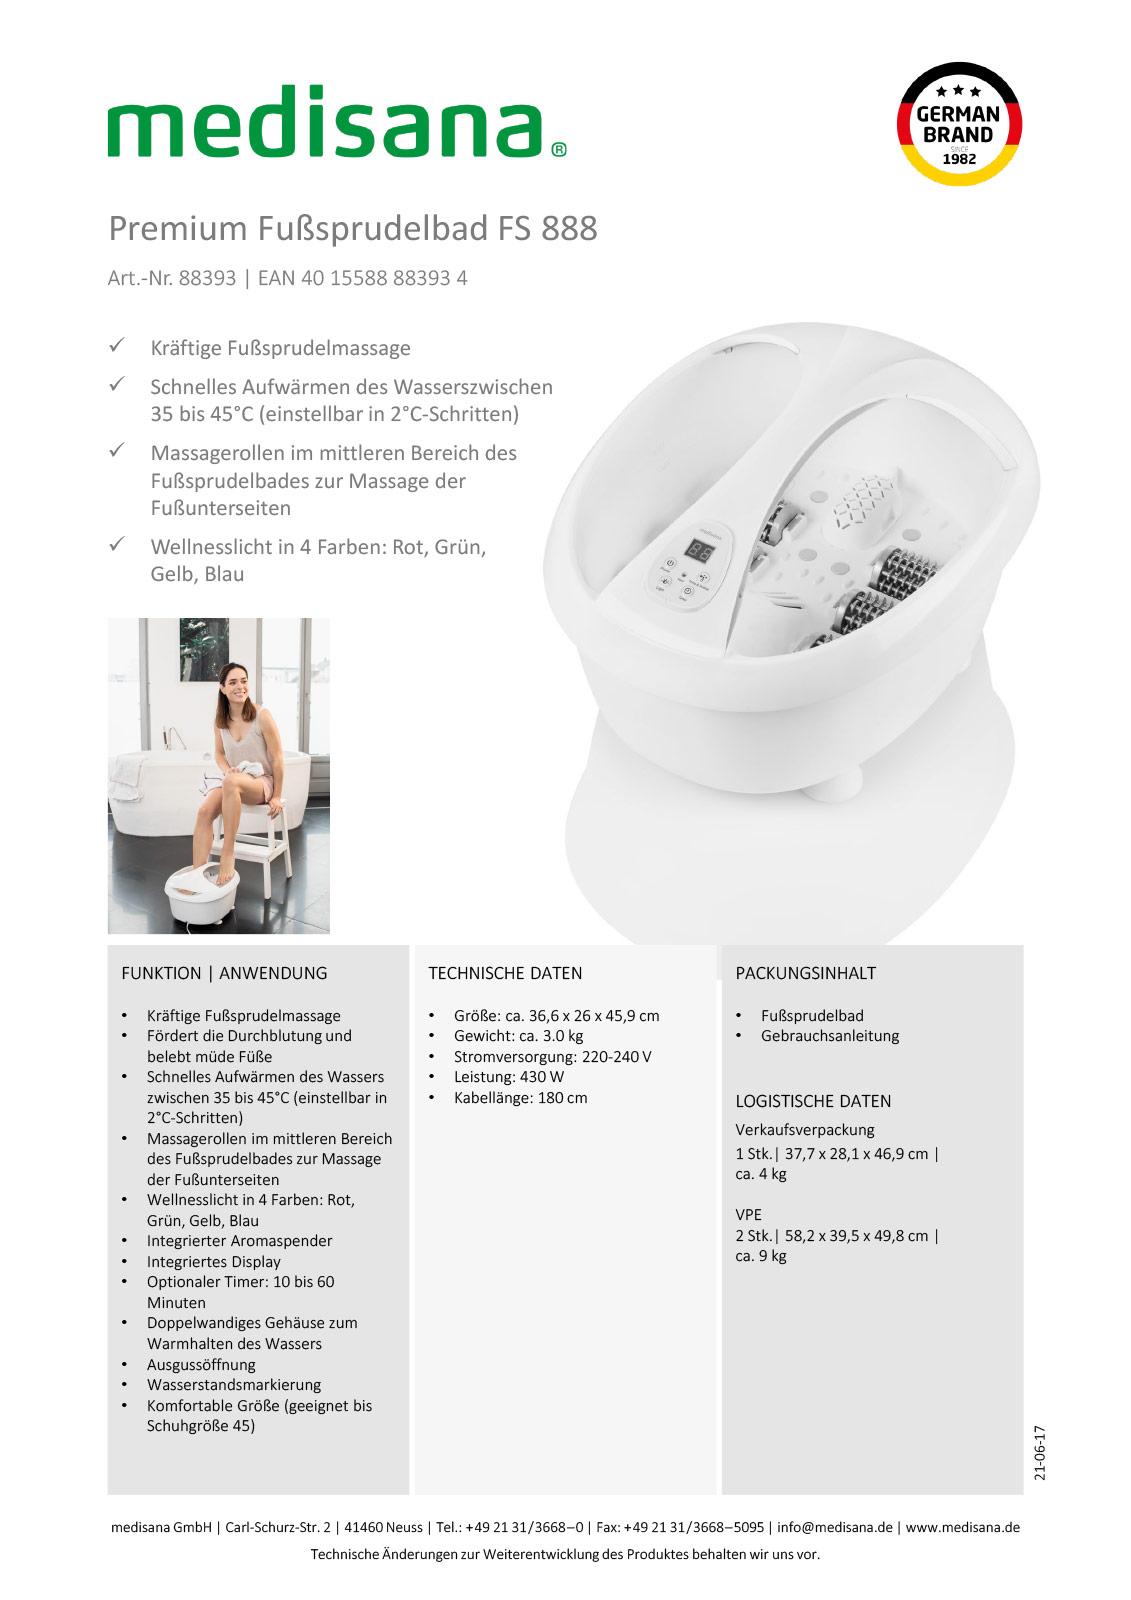 Premium Fußsprudelbad FS 888 – Hochwertiges Design mit vielfältigen Funktionen Produktblatt